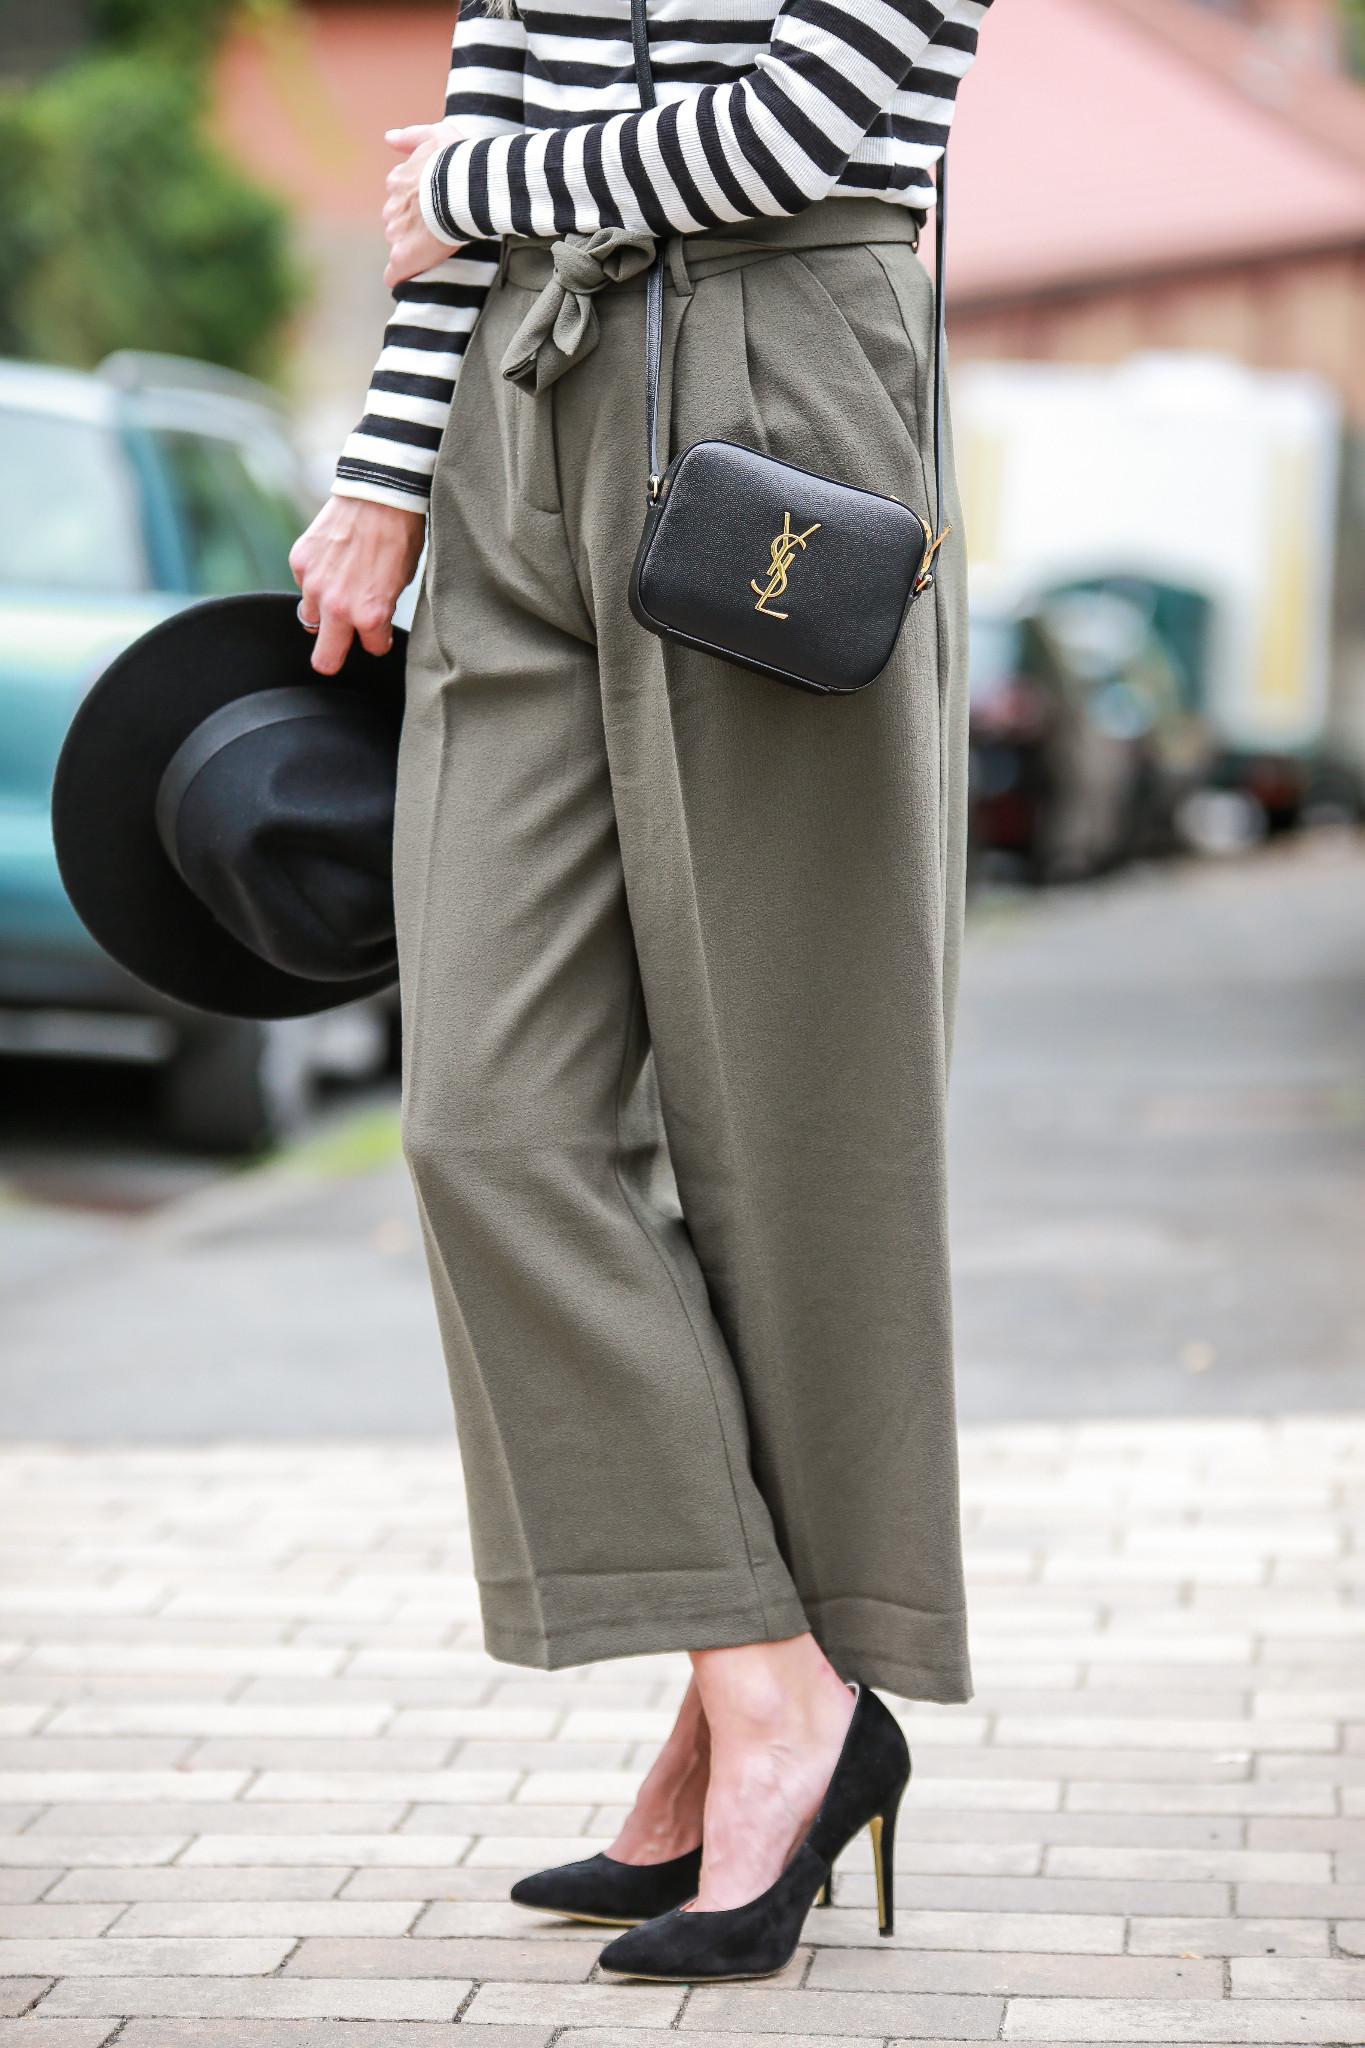 Fashion_Outfit_Très_parisienne-28